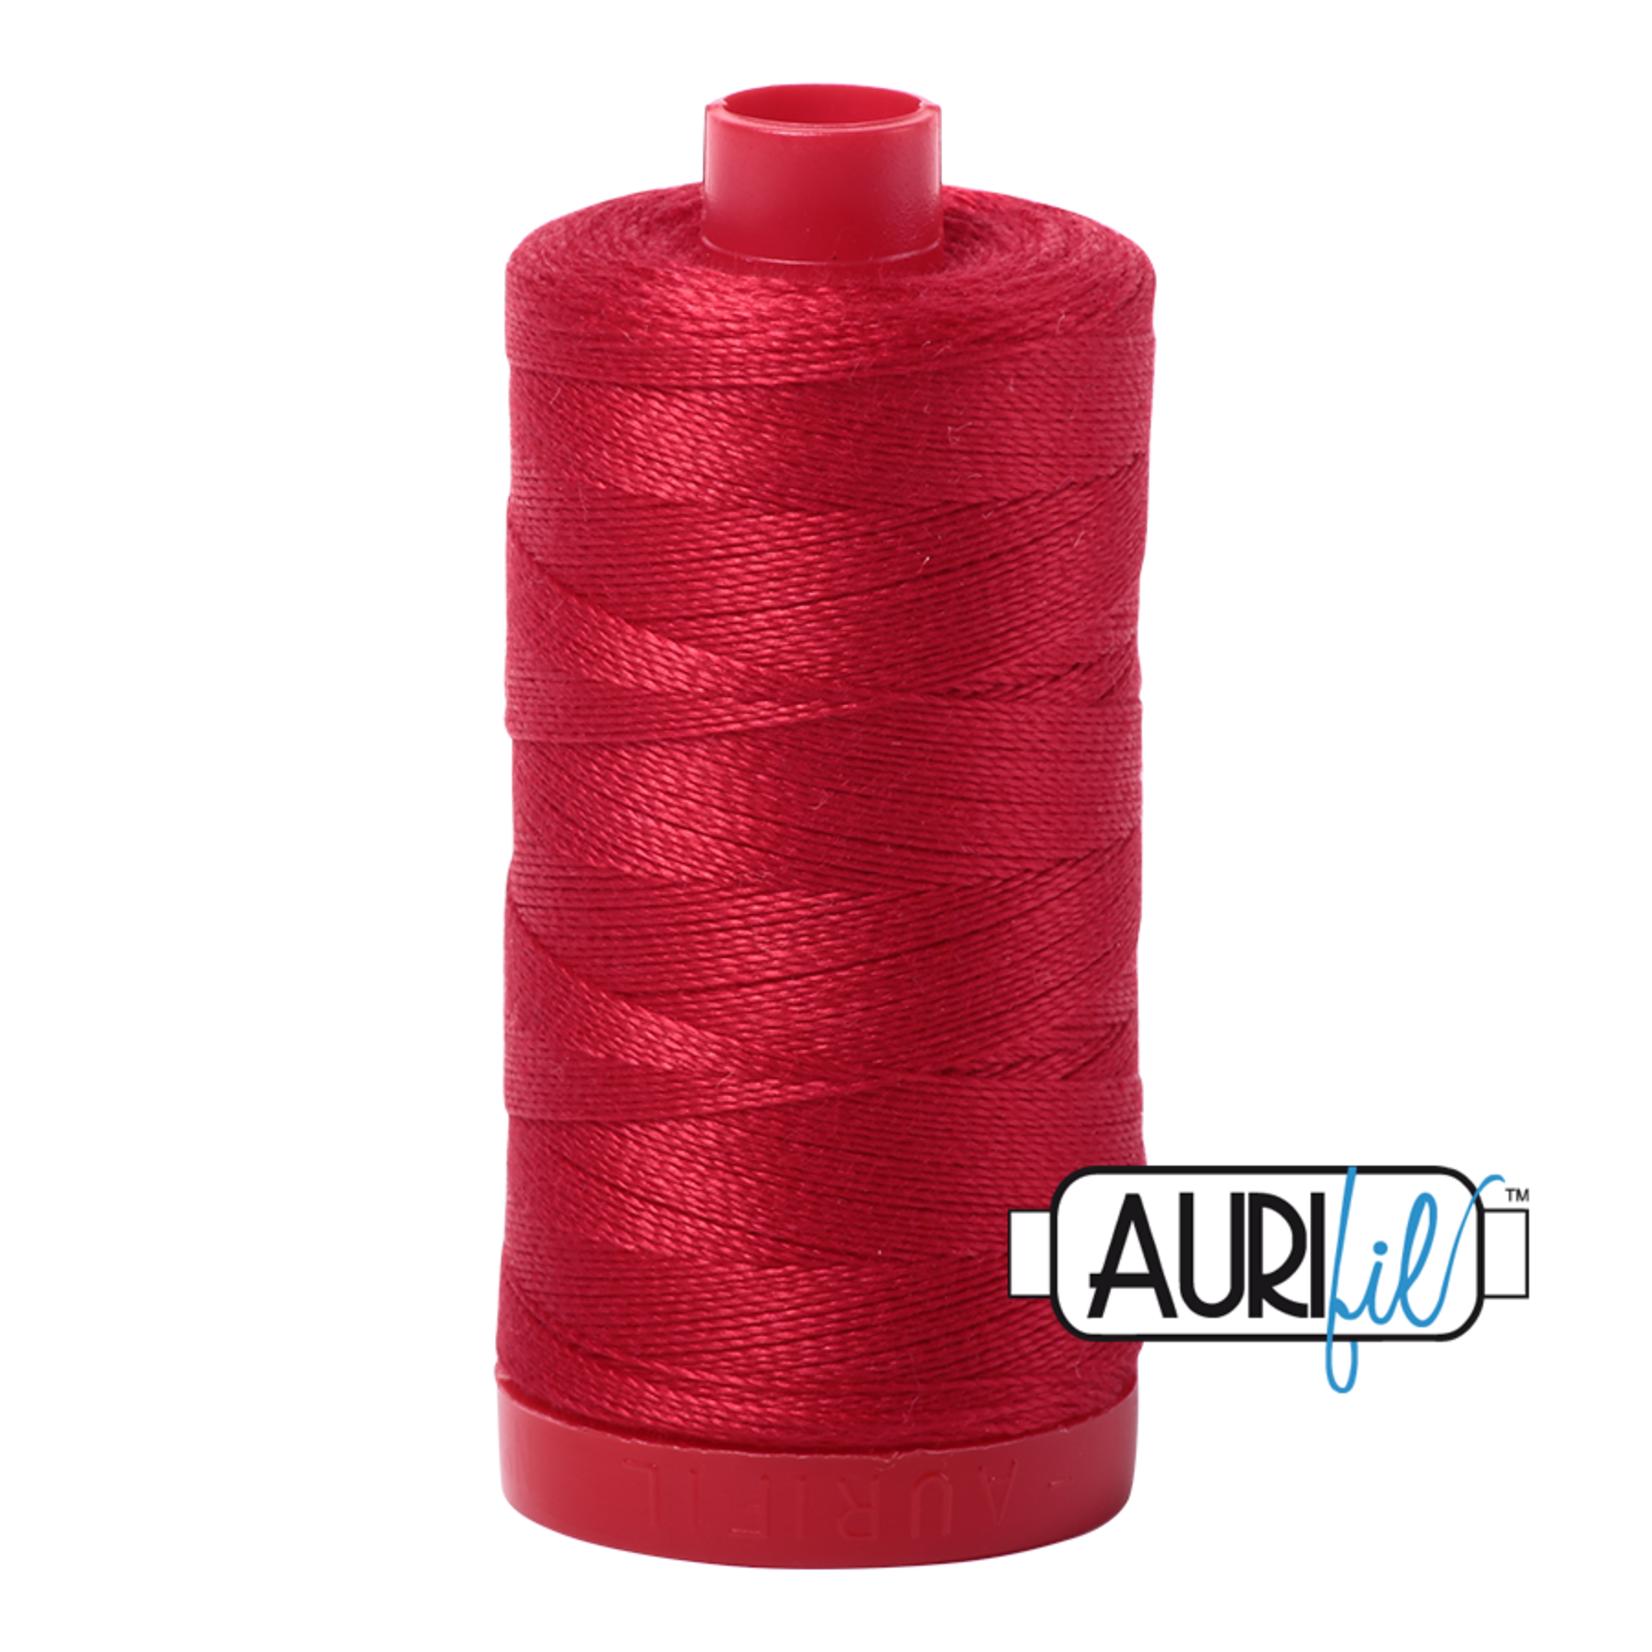 AURIFIL AURIFIL 12WT Red 2250